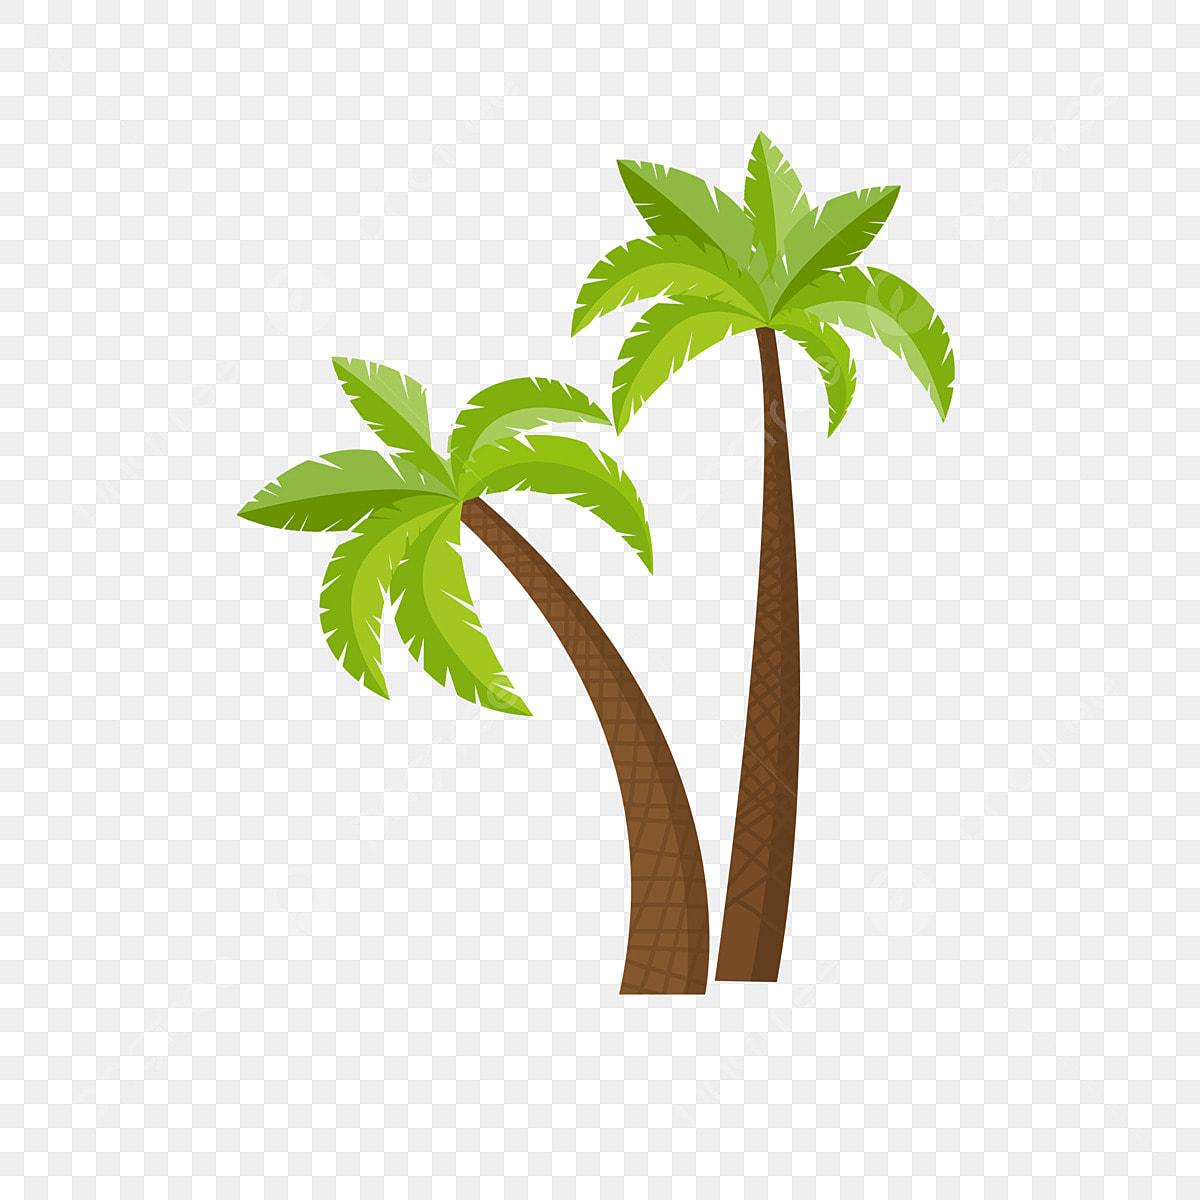 Elements De Clipart De Palmiers Tropicaux Cocotier Arbre Clipart Dessin Anime Arbre Fichier Png Et Psd Pour Le Telechargement Libre